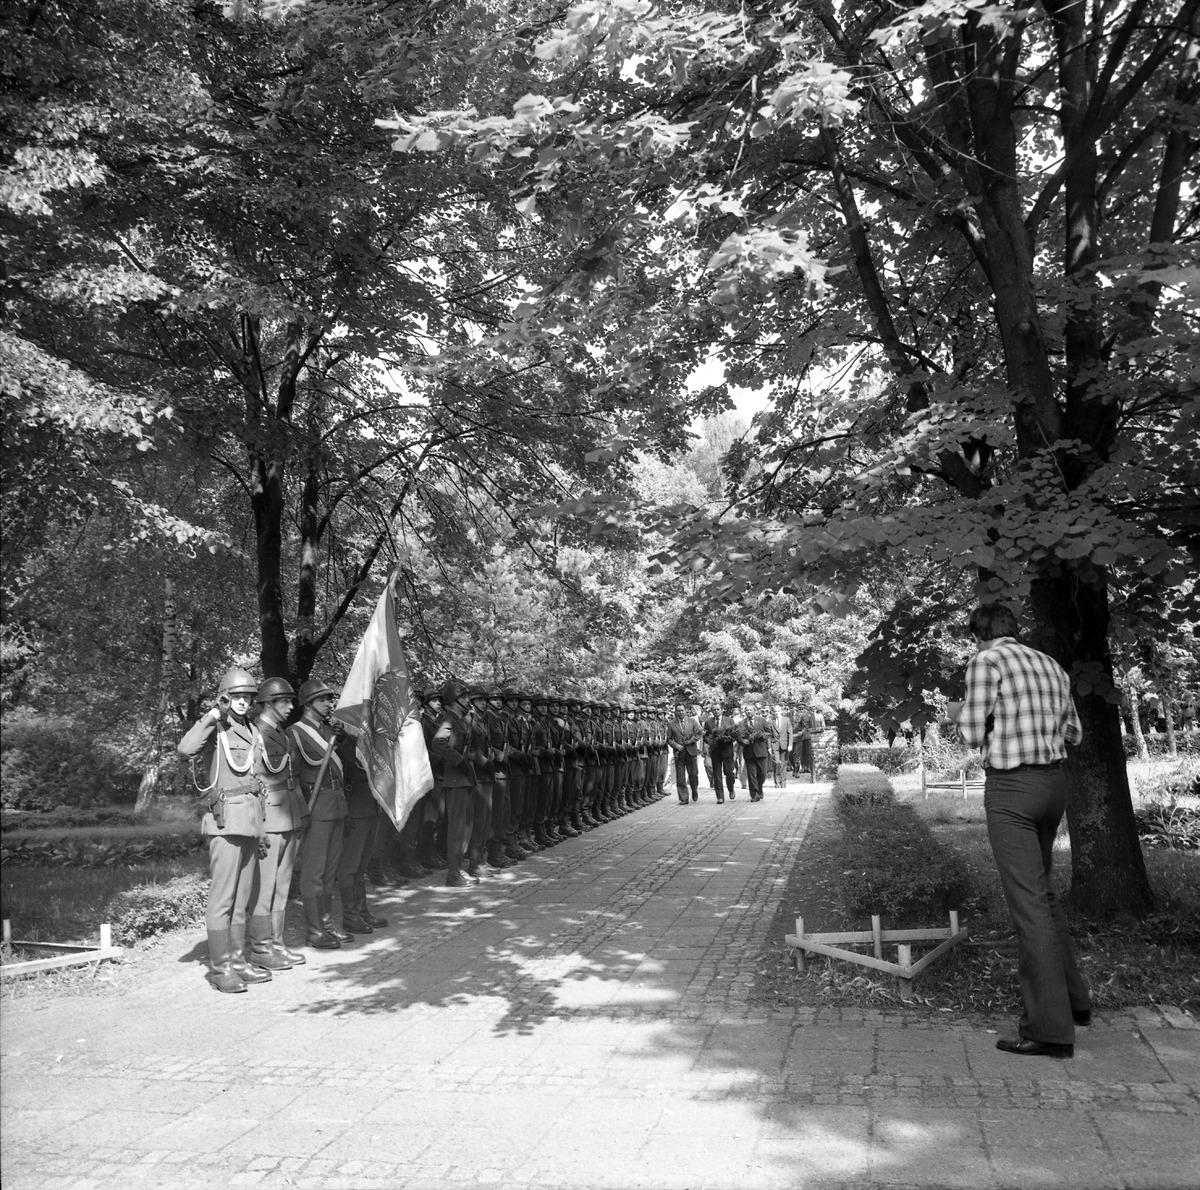 Delegacja ZSRR na cmentarzu żołnierzy radzieckich [6]